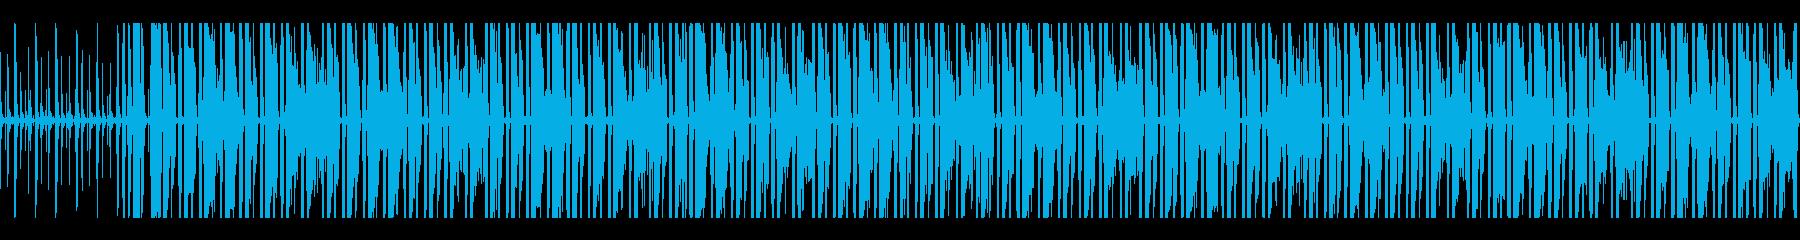 跳ねるリズムとメロディのオルガンポップスの再生済みの波形